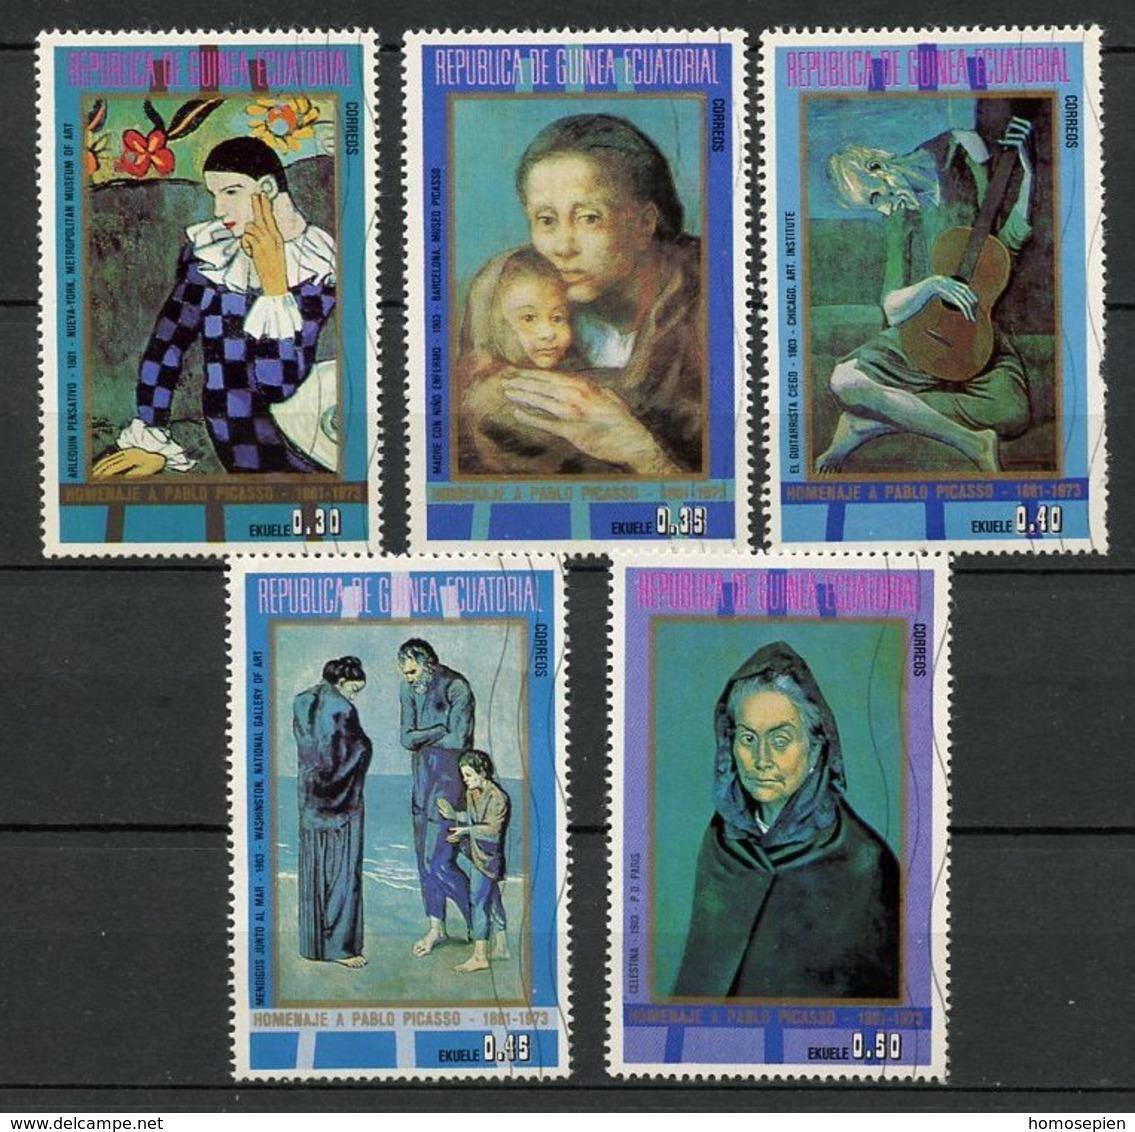 Guinée équatoriale - Guinea 1973 Y&T N°40 - Michel N°321 à 325 (o) - Hommage à Pablo Picasso - Guinée Equatoriale